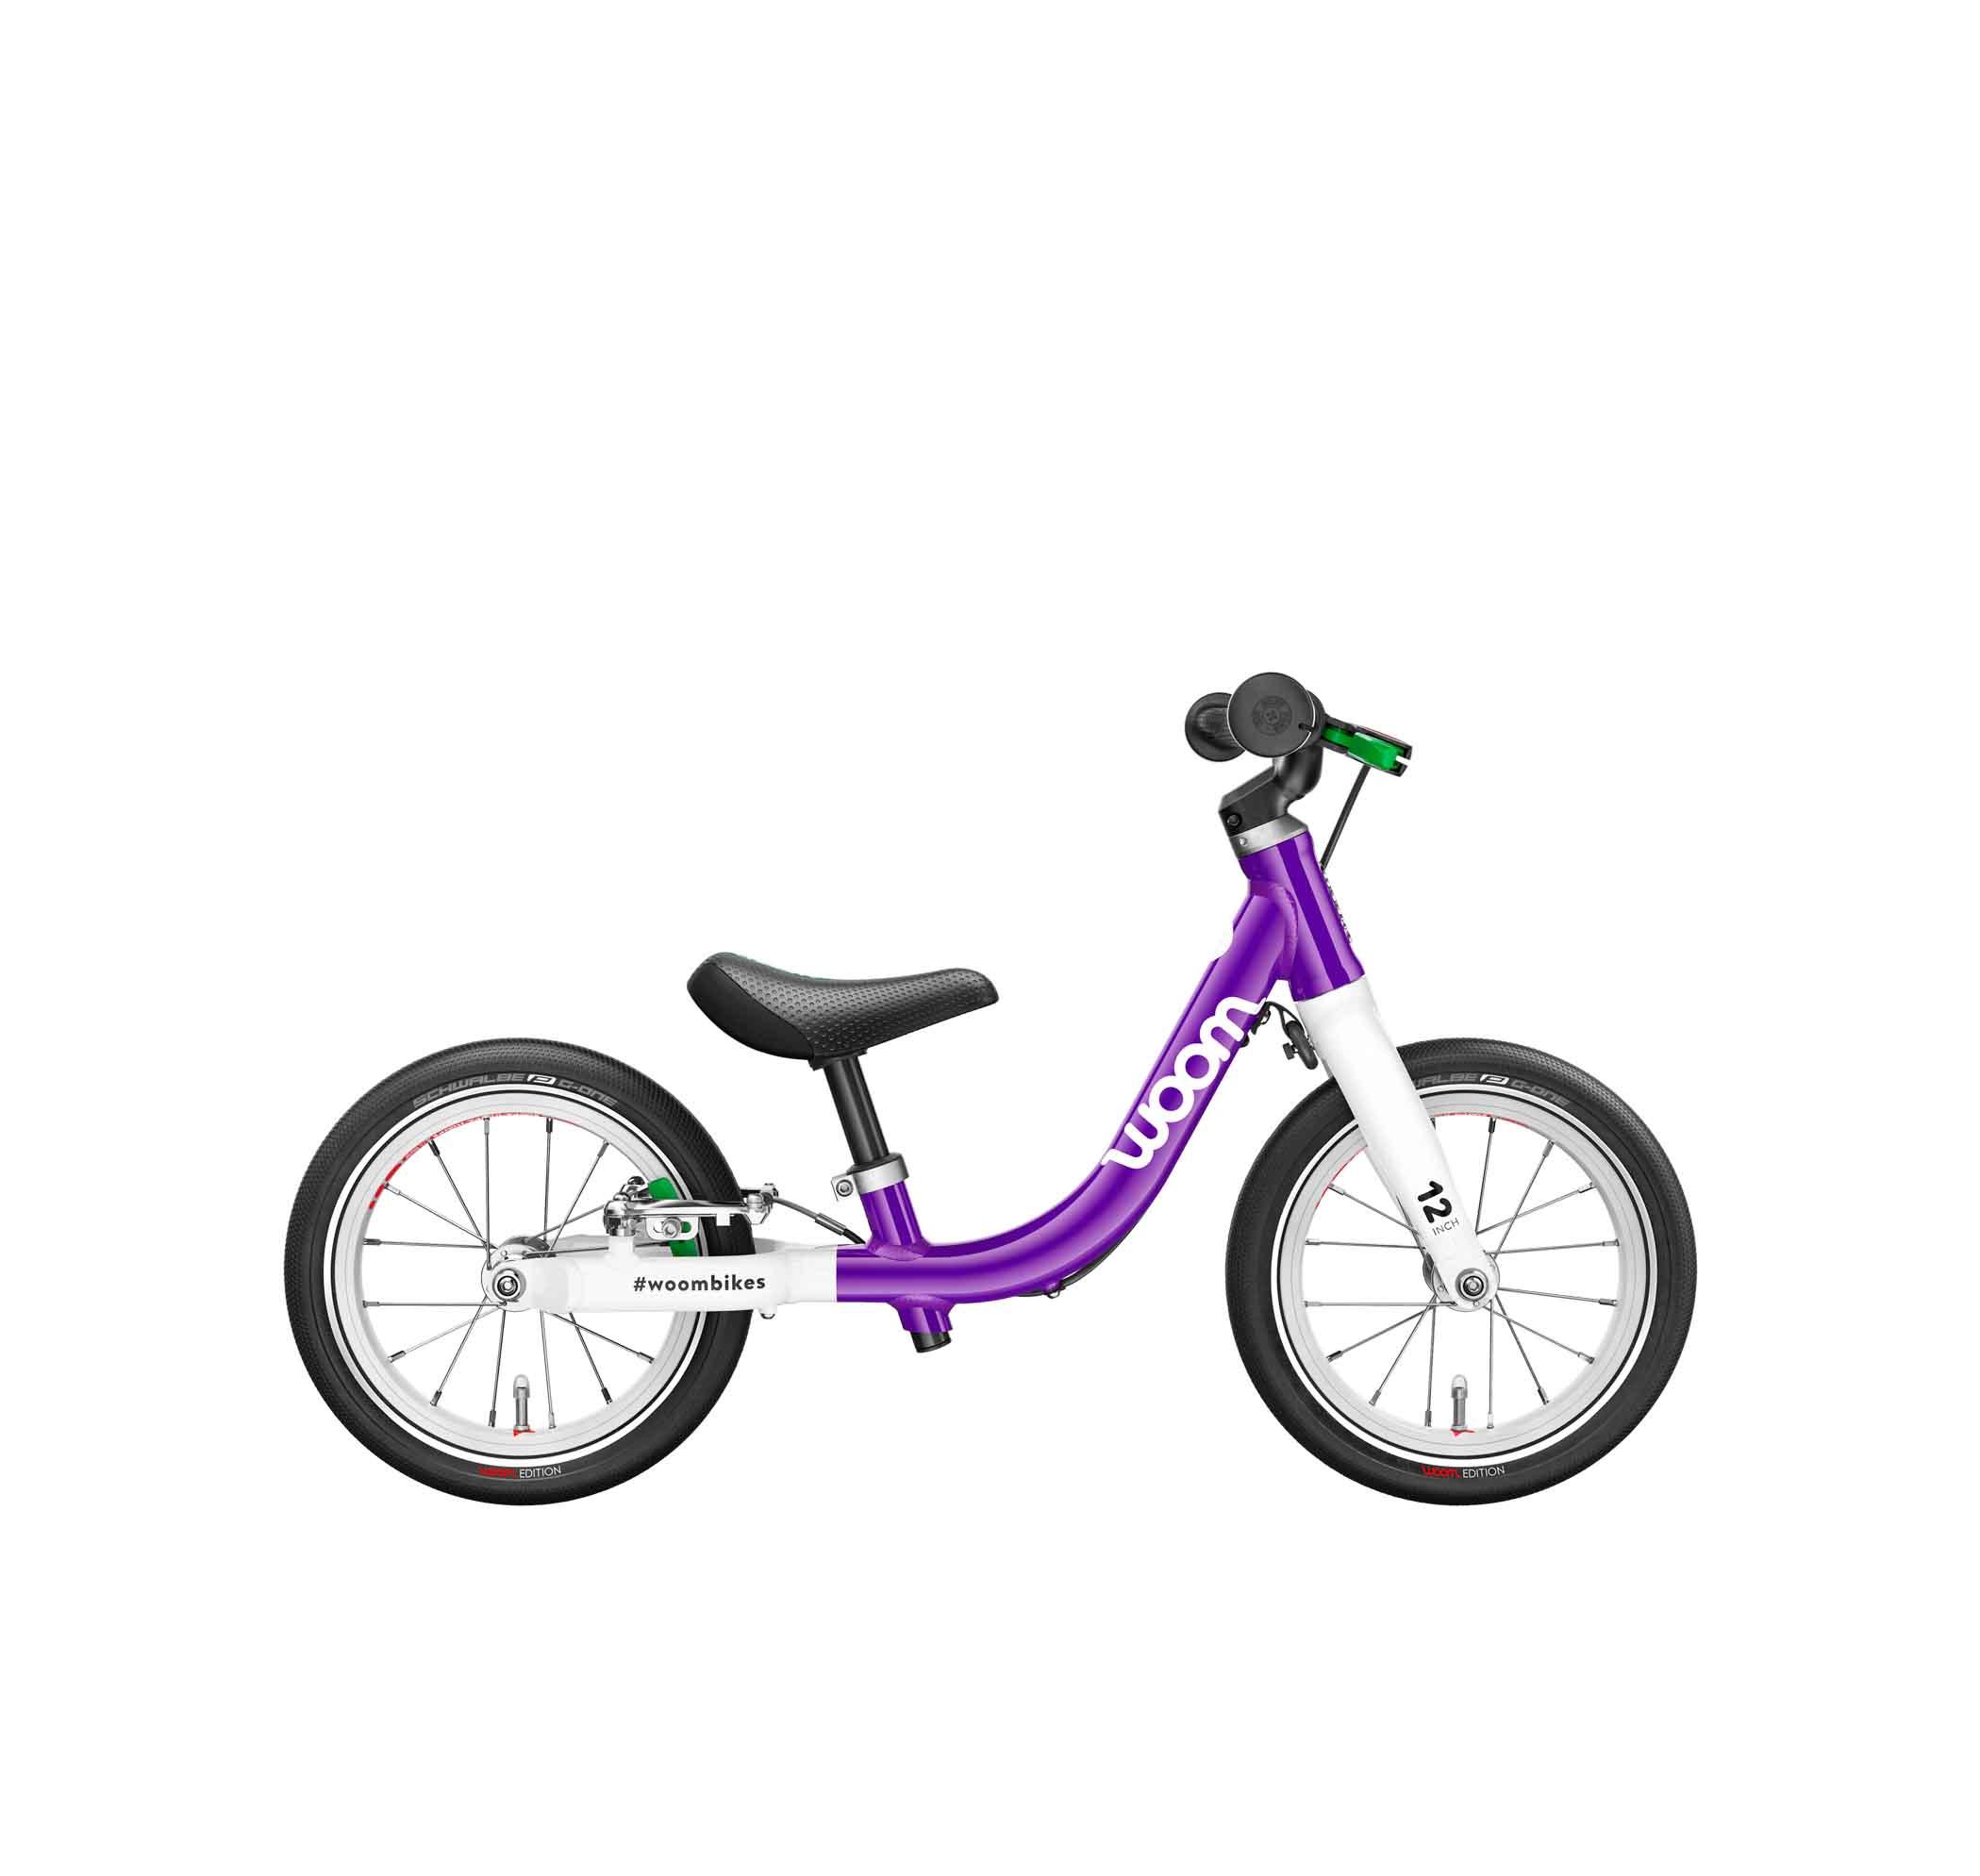 Woom_Rodeo_Bike_Woom_1_Purple